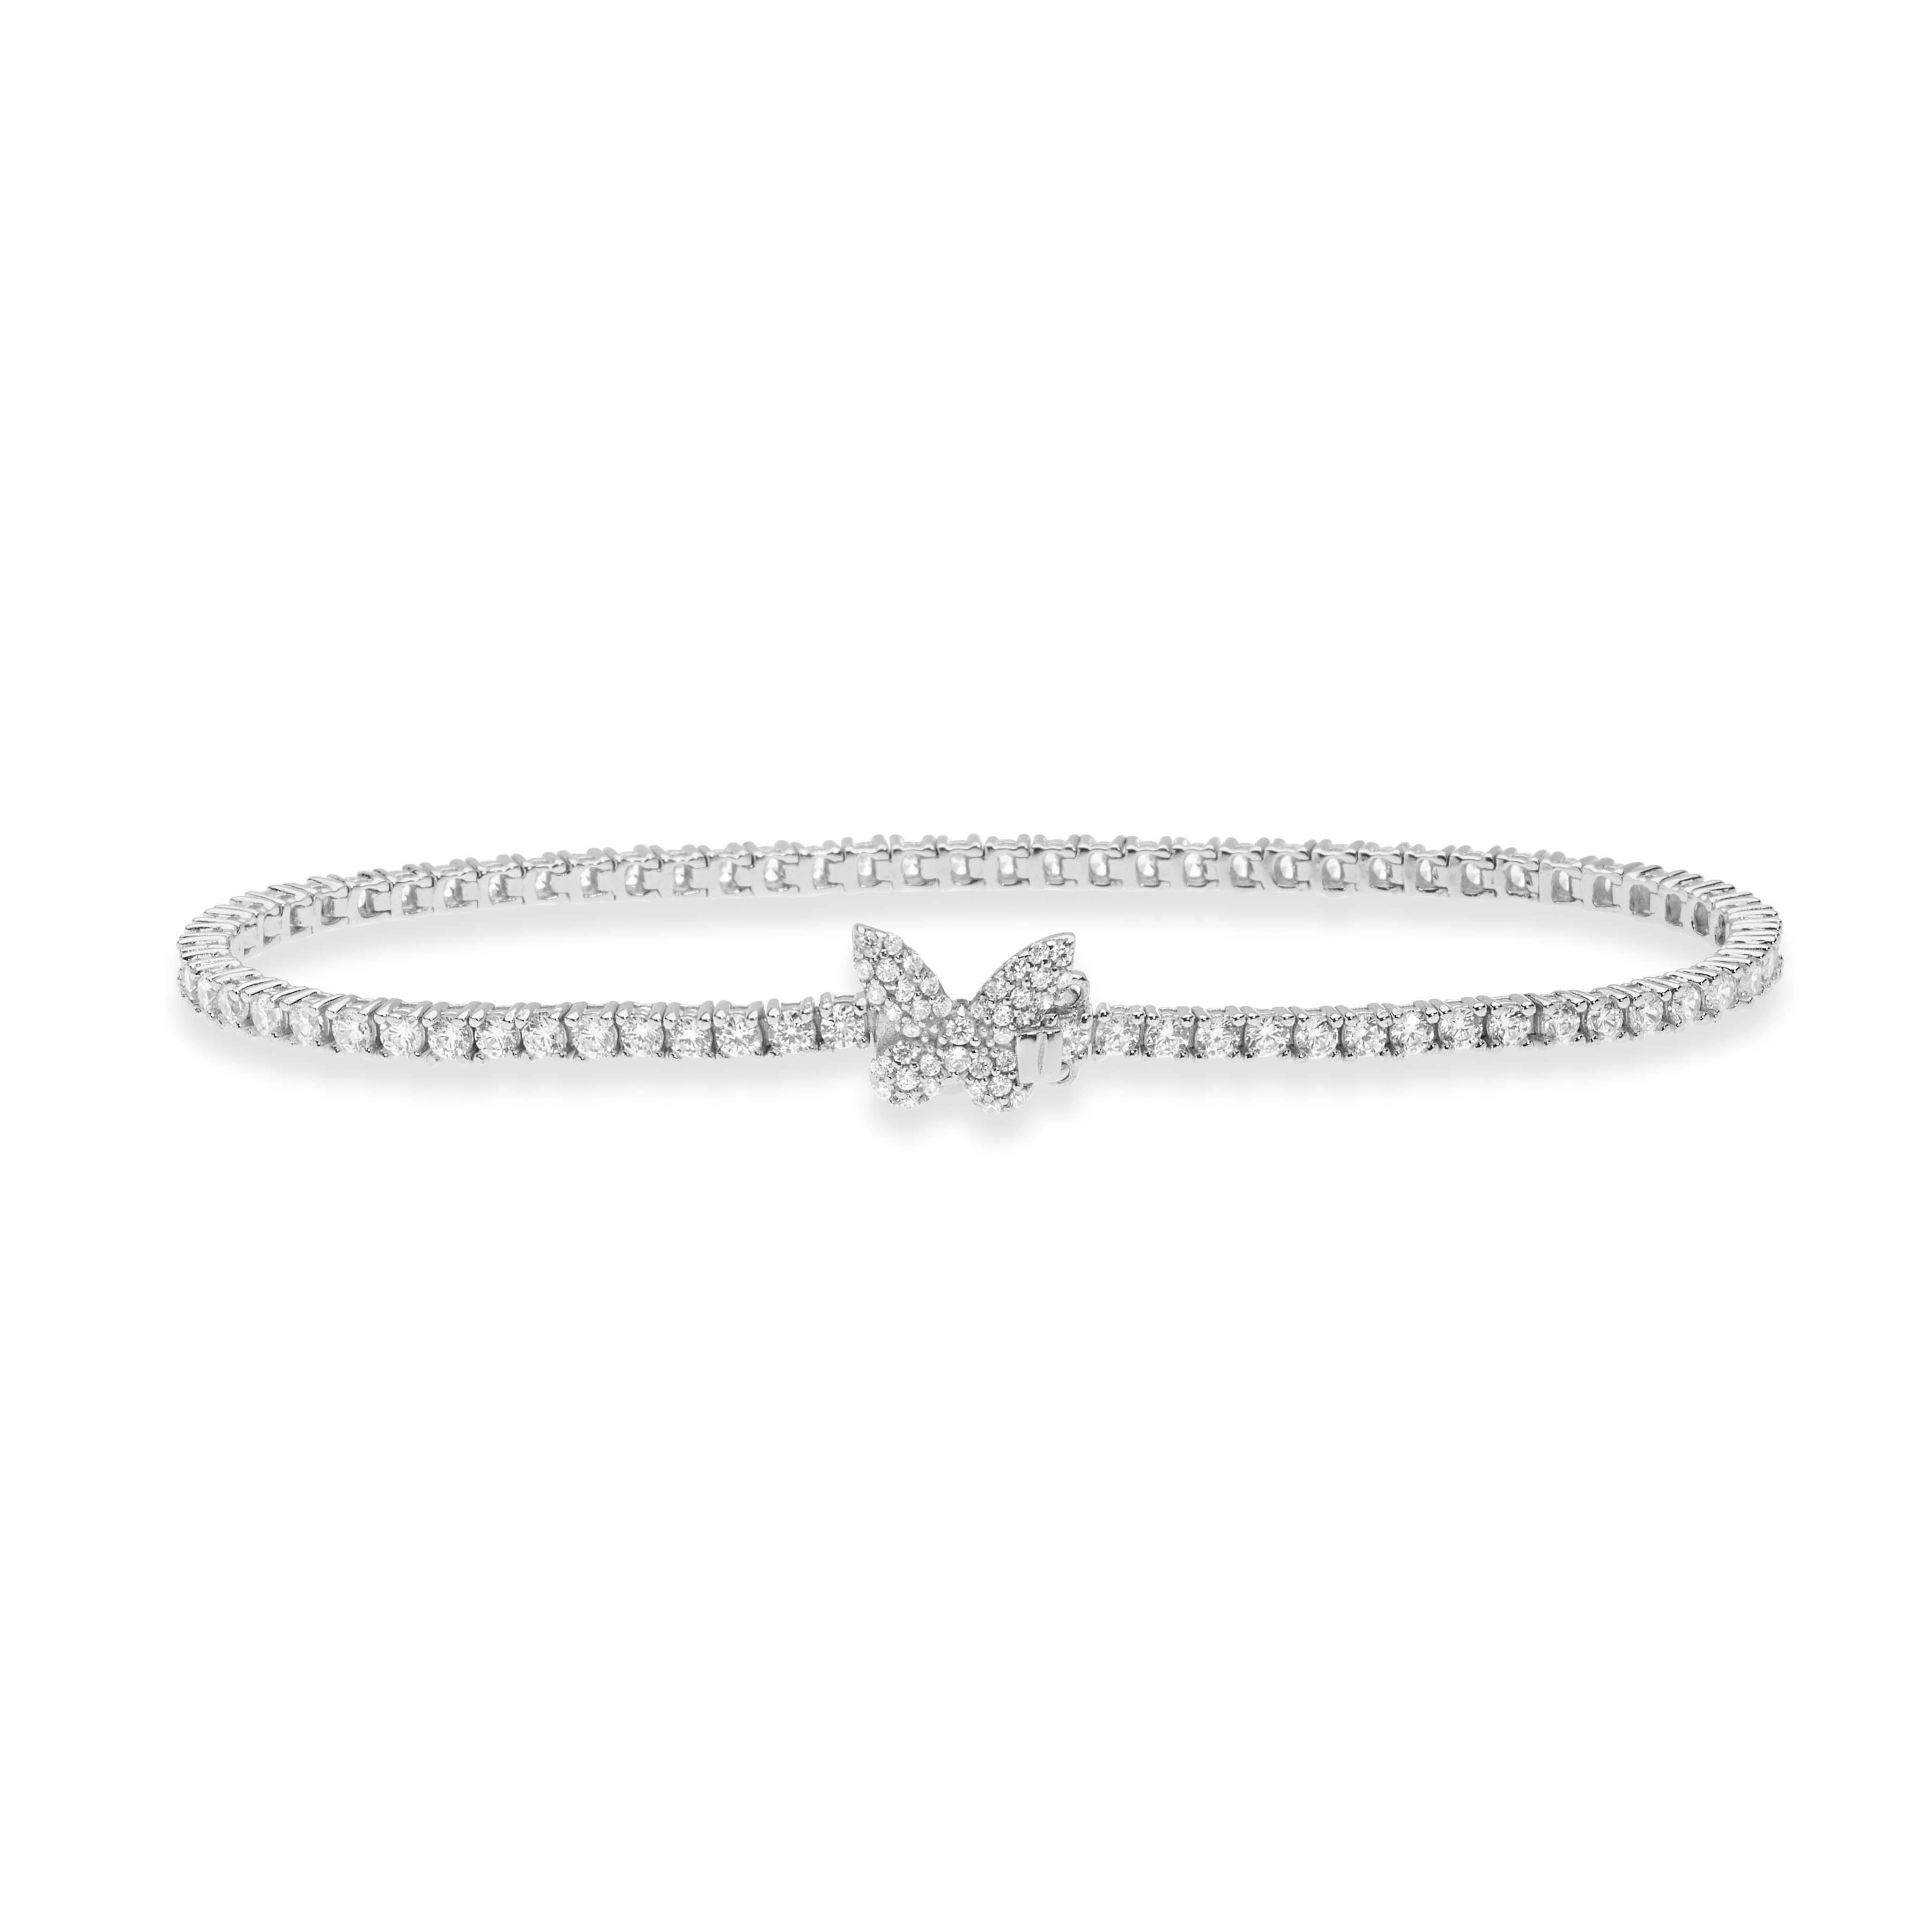 Bracciale in argento Comete Gioielli con zirconi BRA 165